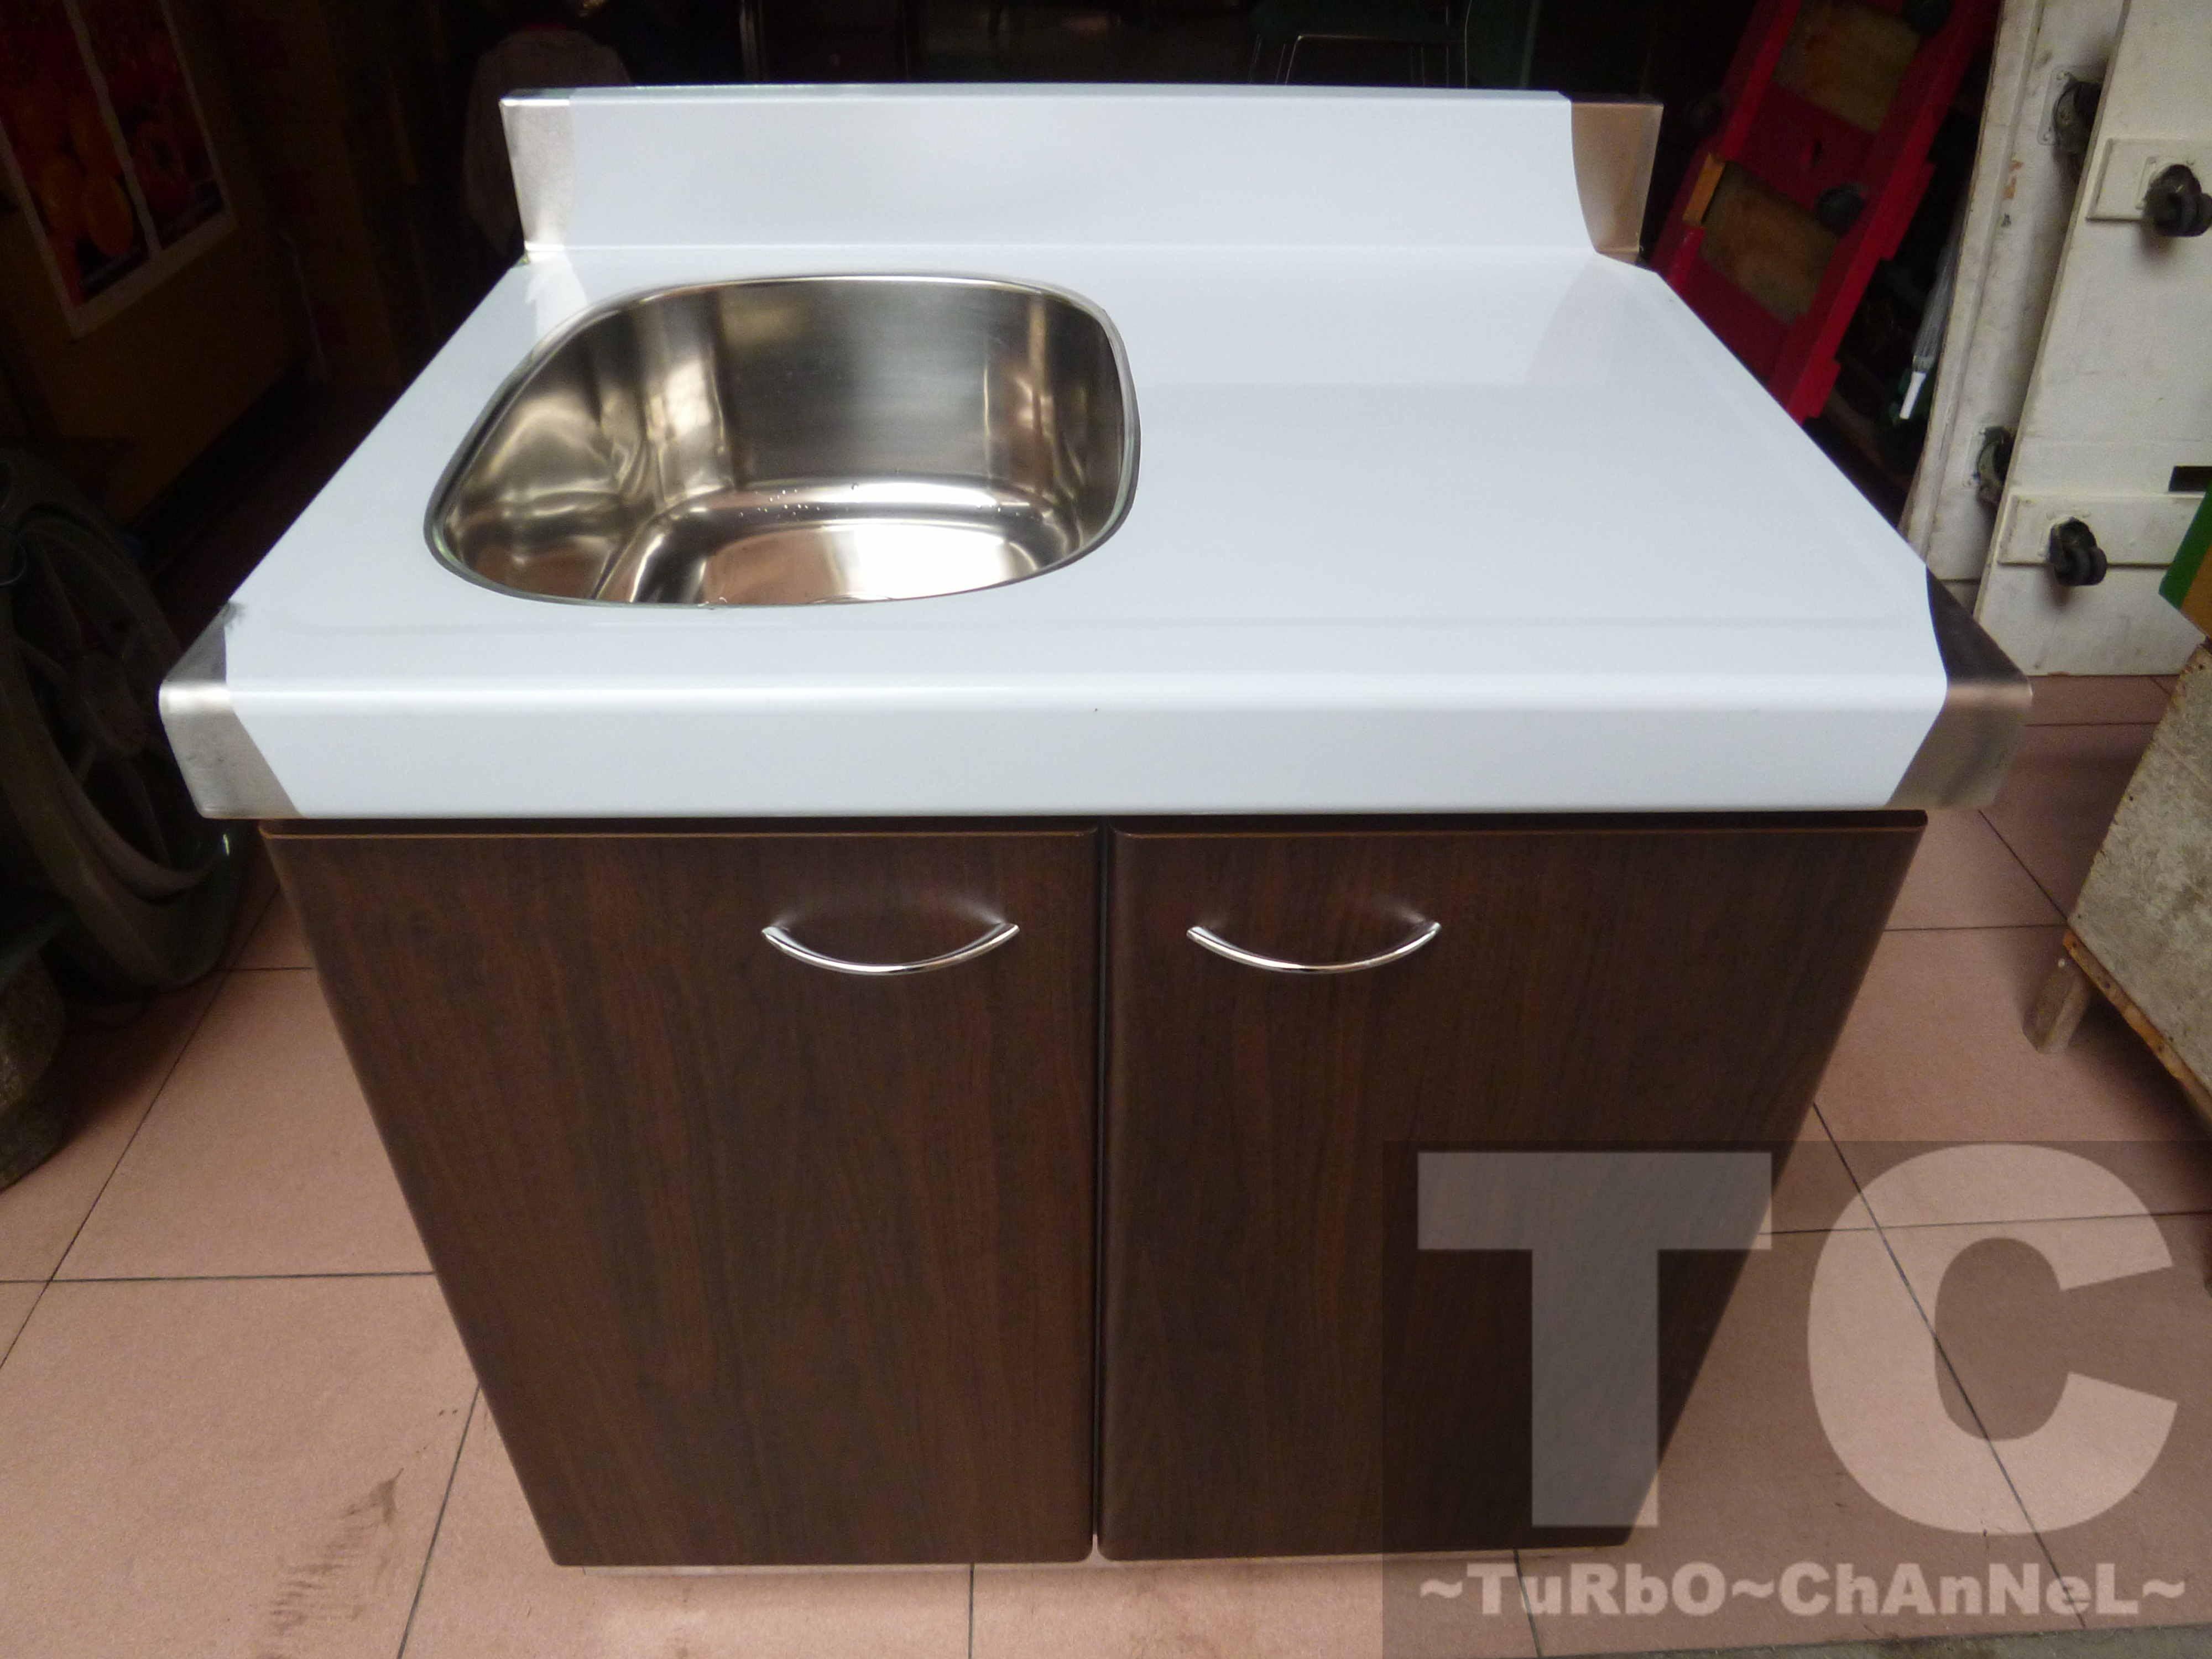 流理台【72公分洗台-左小水槽】台面&櫃體不鏽鋼 深木紋色門板 最新款流理臺